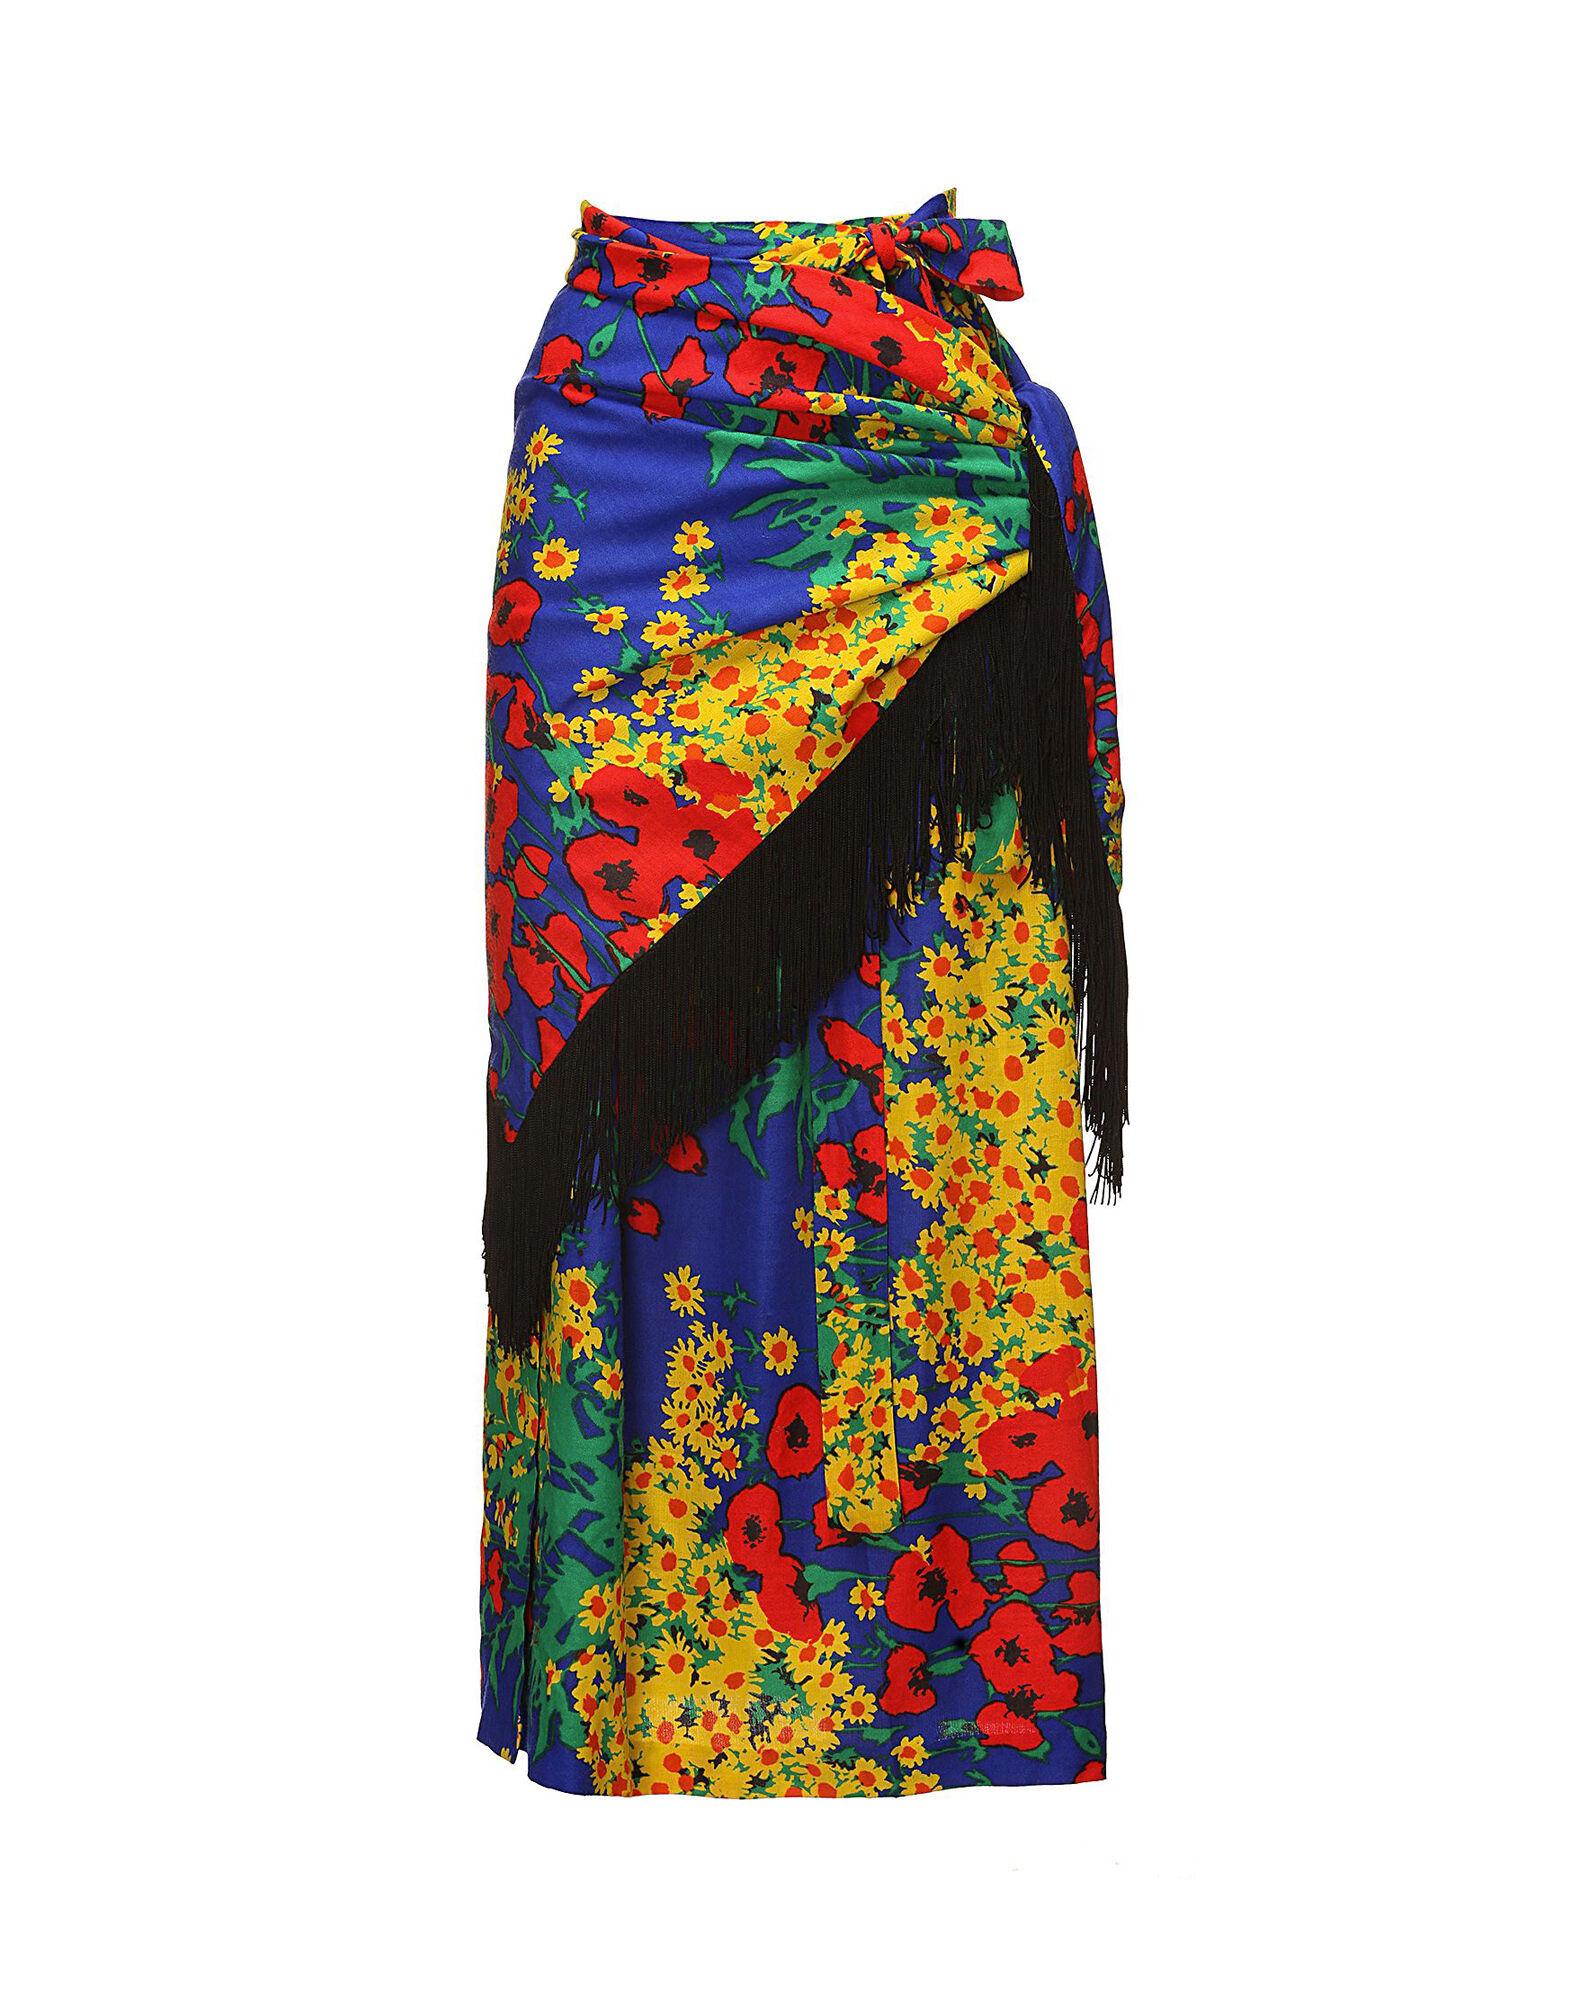 La Doublej Ldj Ready To Wear Vintage La Doublej Wrap Around Skirt With Shawl 1970s